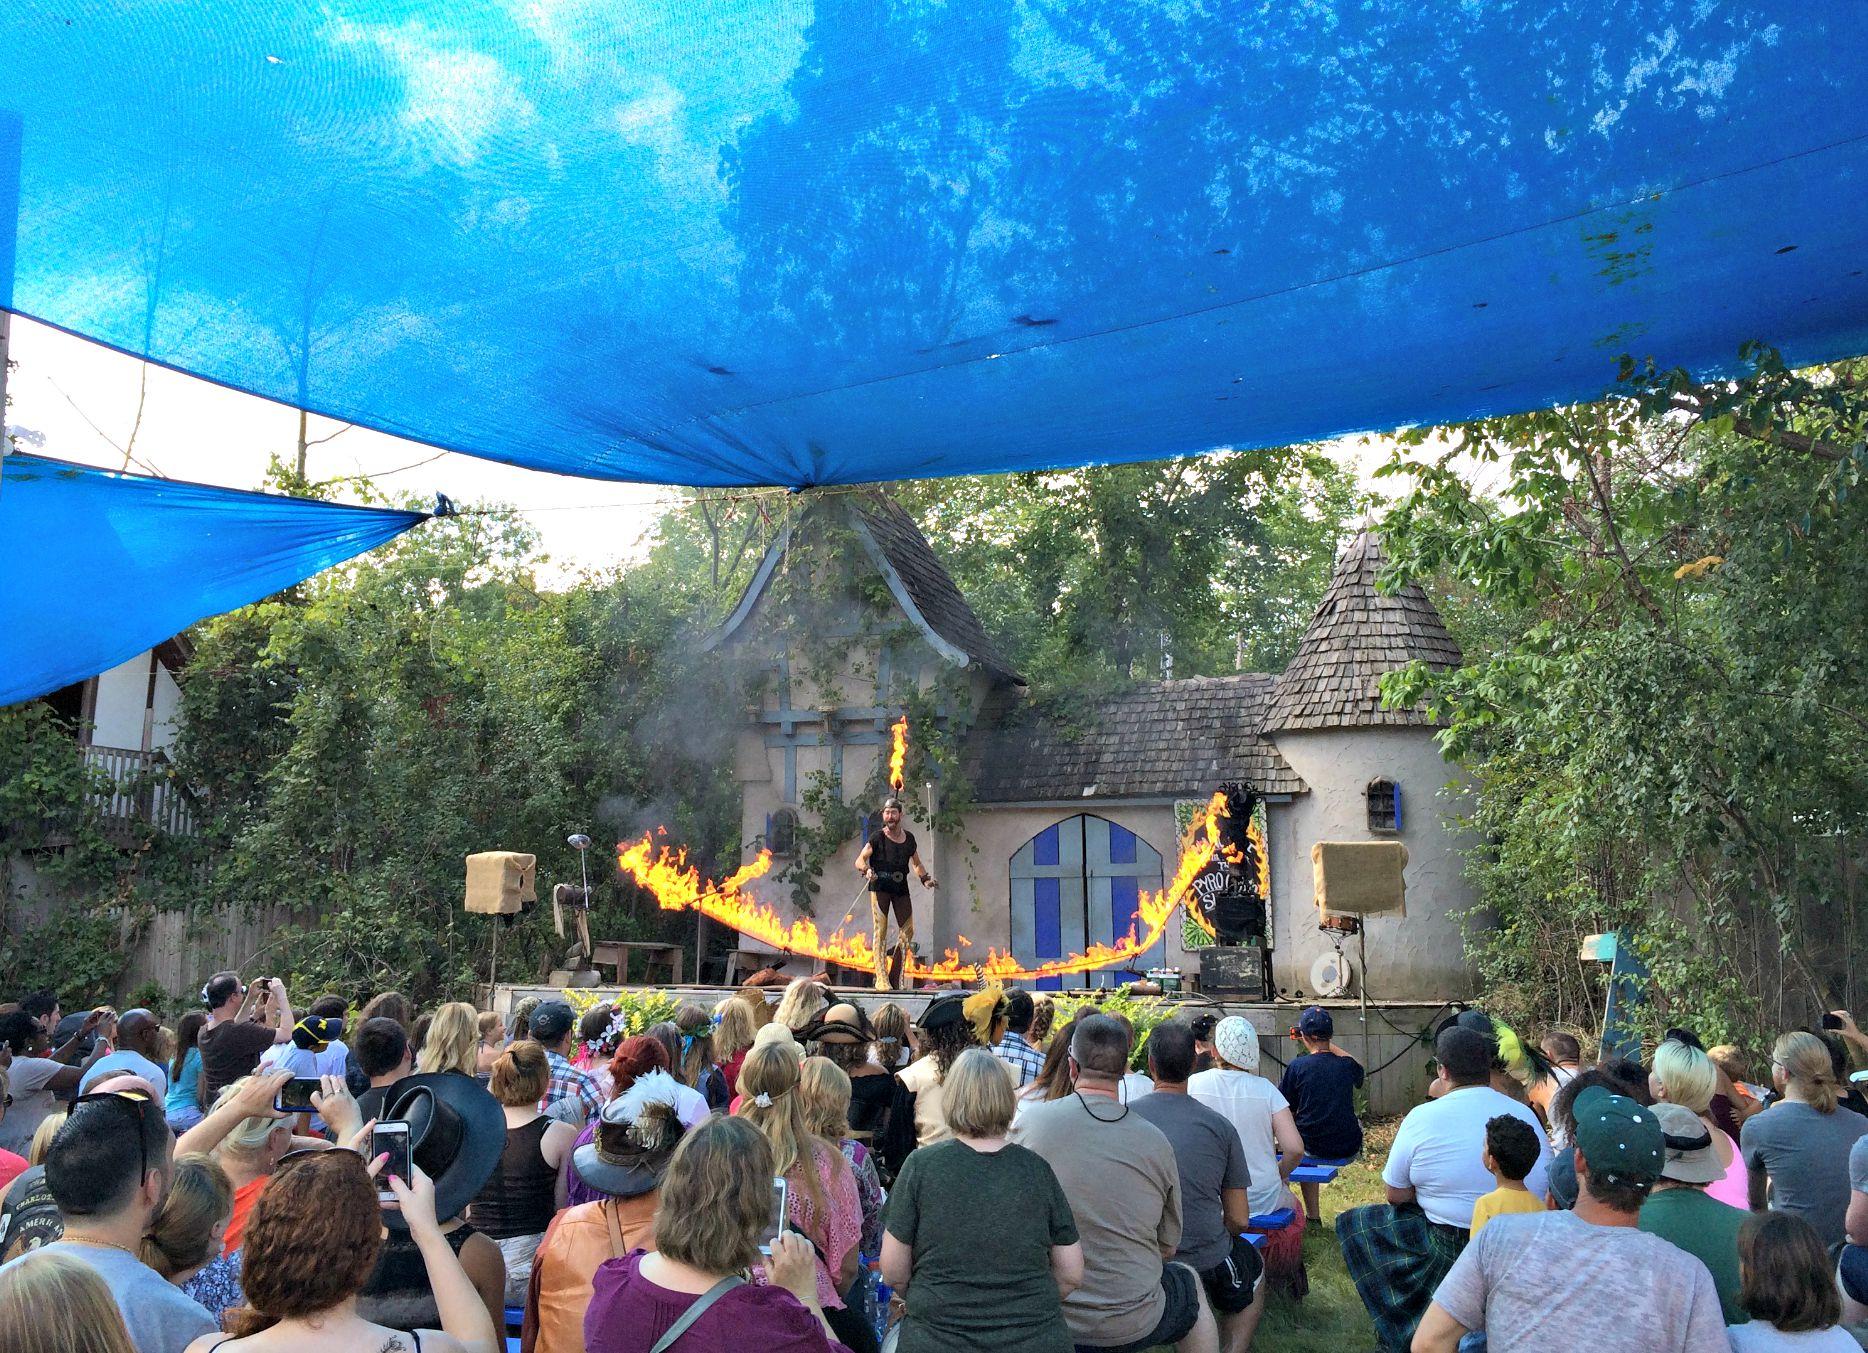 Renaissance Festival shows